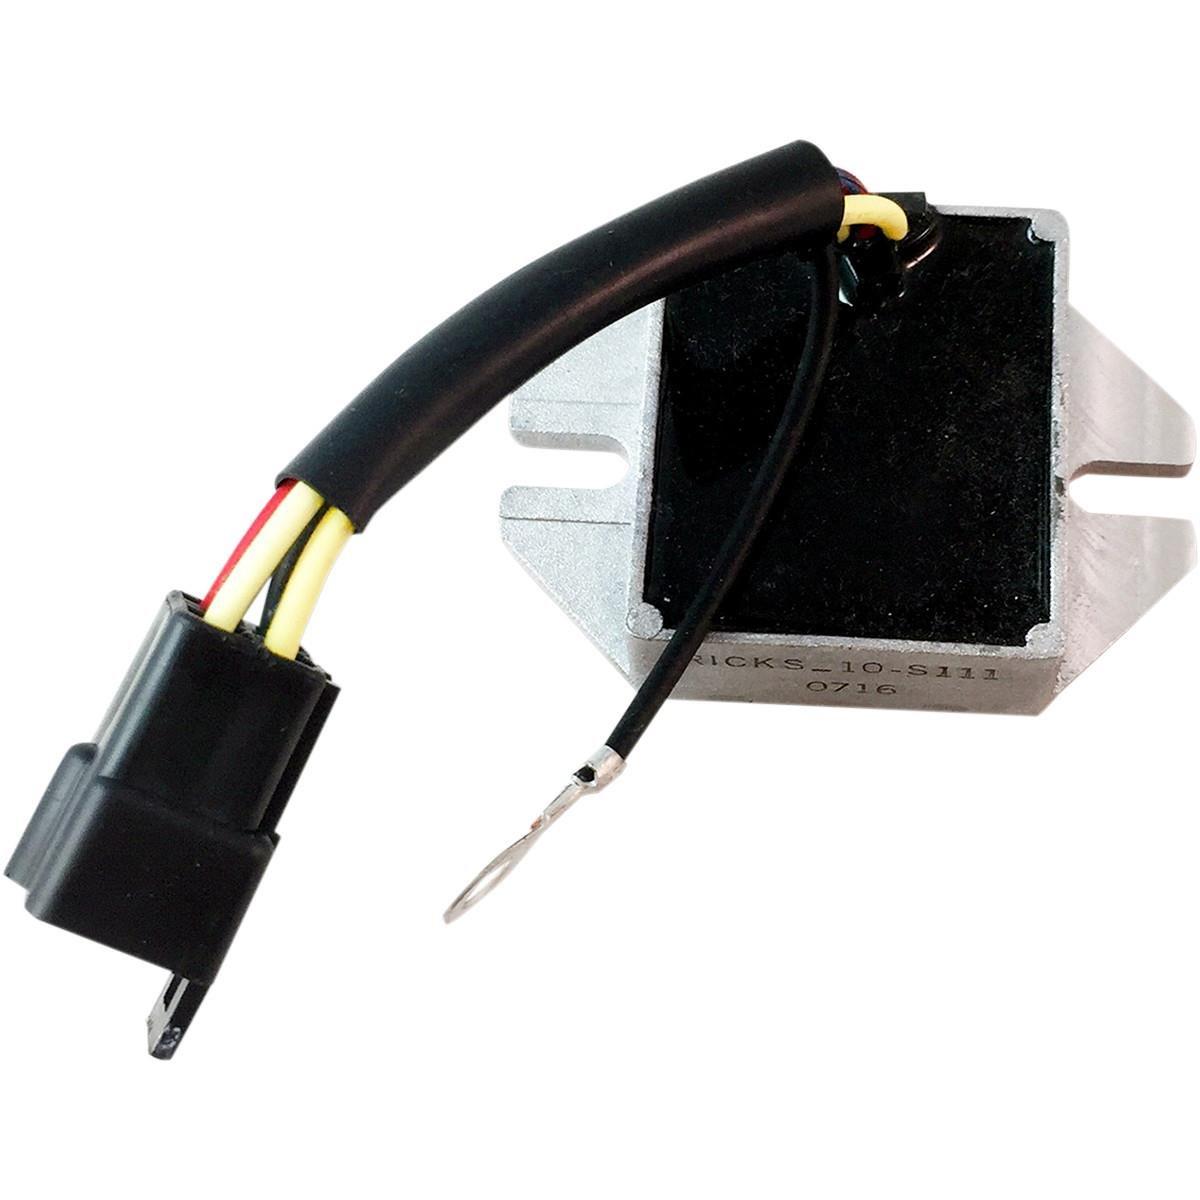 Ricks Motorsport Electric Rectifier/Regulator 10S111